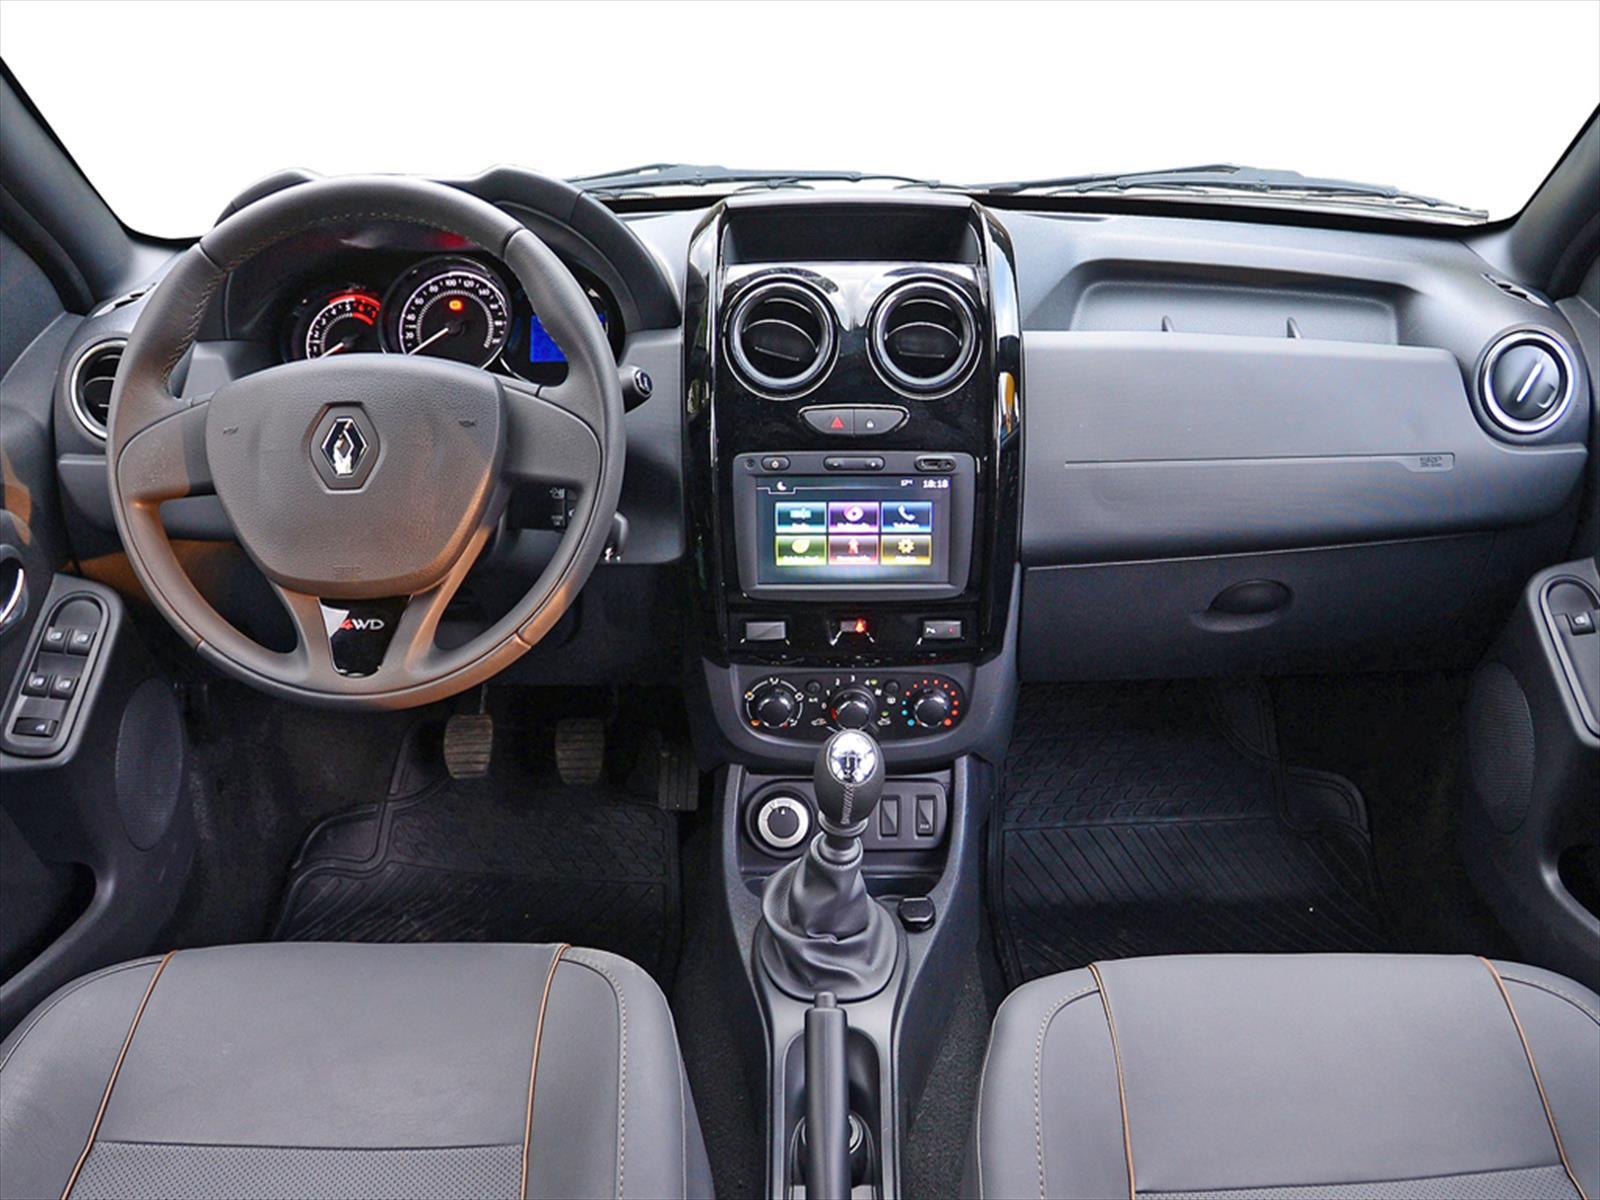 Nuevo Renault Duster 2016: Estreno oficial en Chile - Autocosmos.com